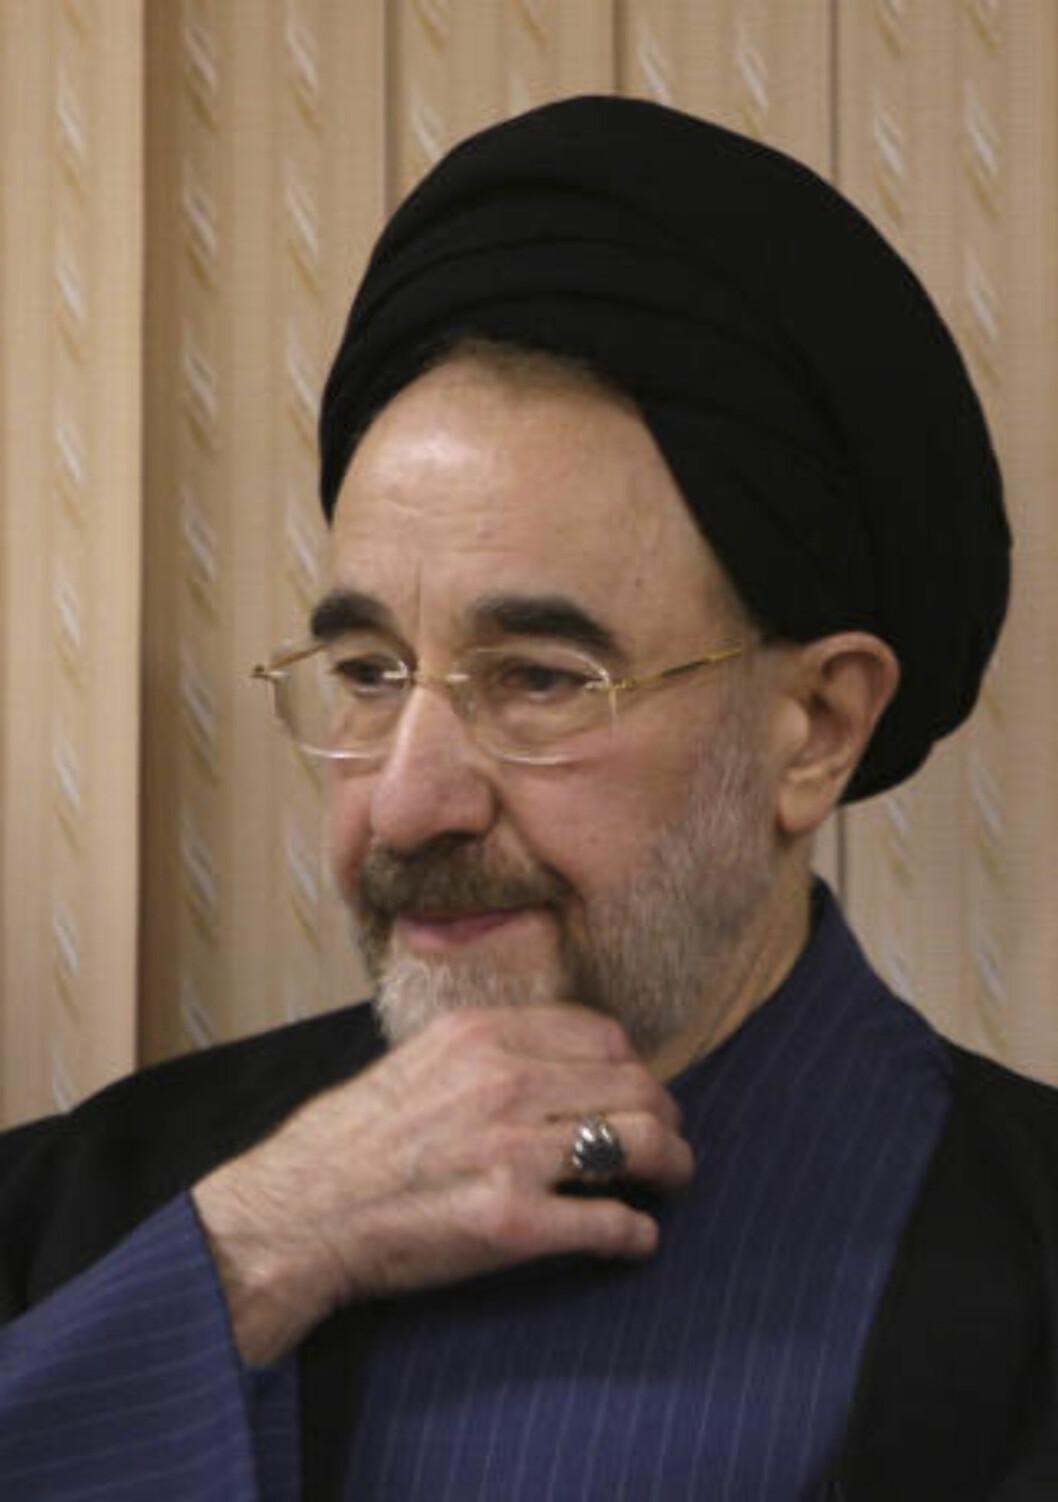 <strong>REFORMVENNLIG TIDLIGERE PRESIDENT:</strong> Mohammed Khatami beskylder regimet for å starte en revolusjon mot folket og demokratiet. Foto: AP Photo/Vahid Salemi